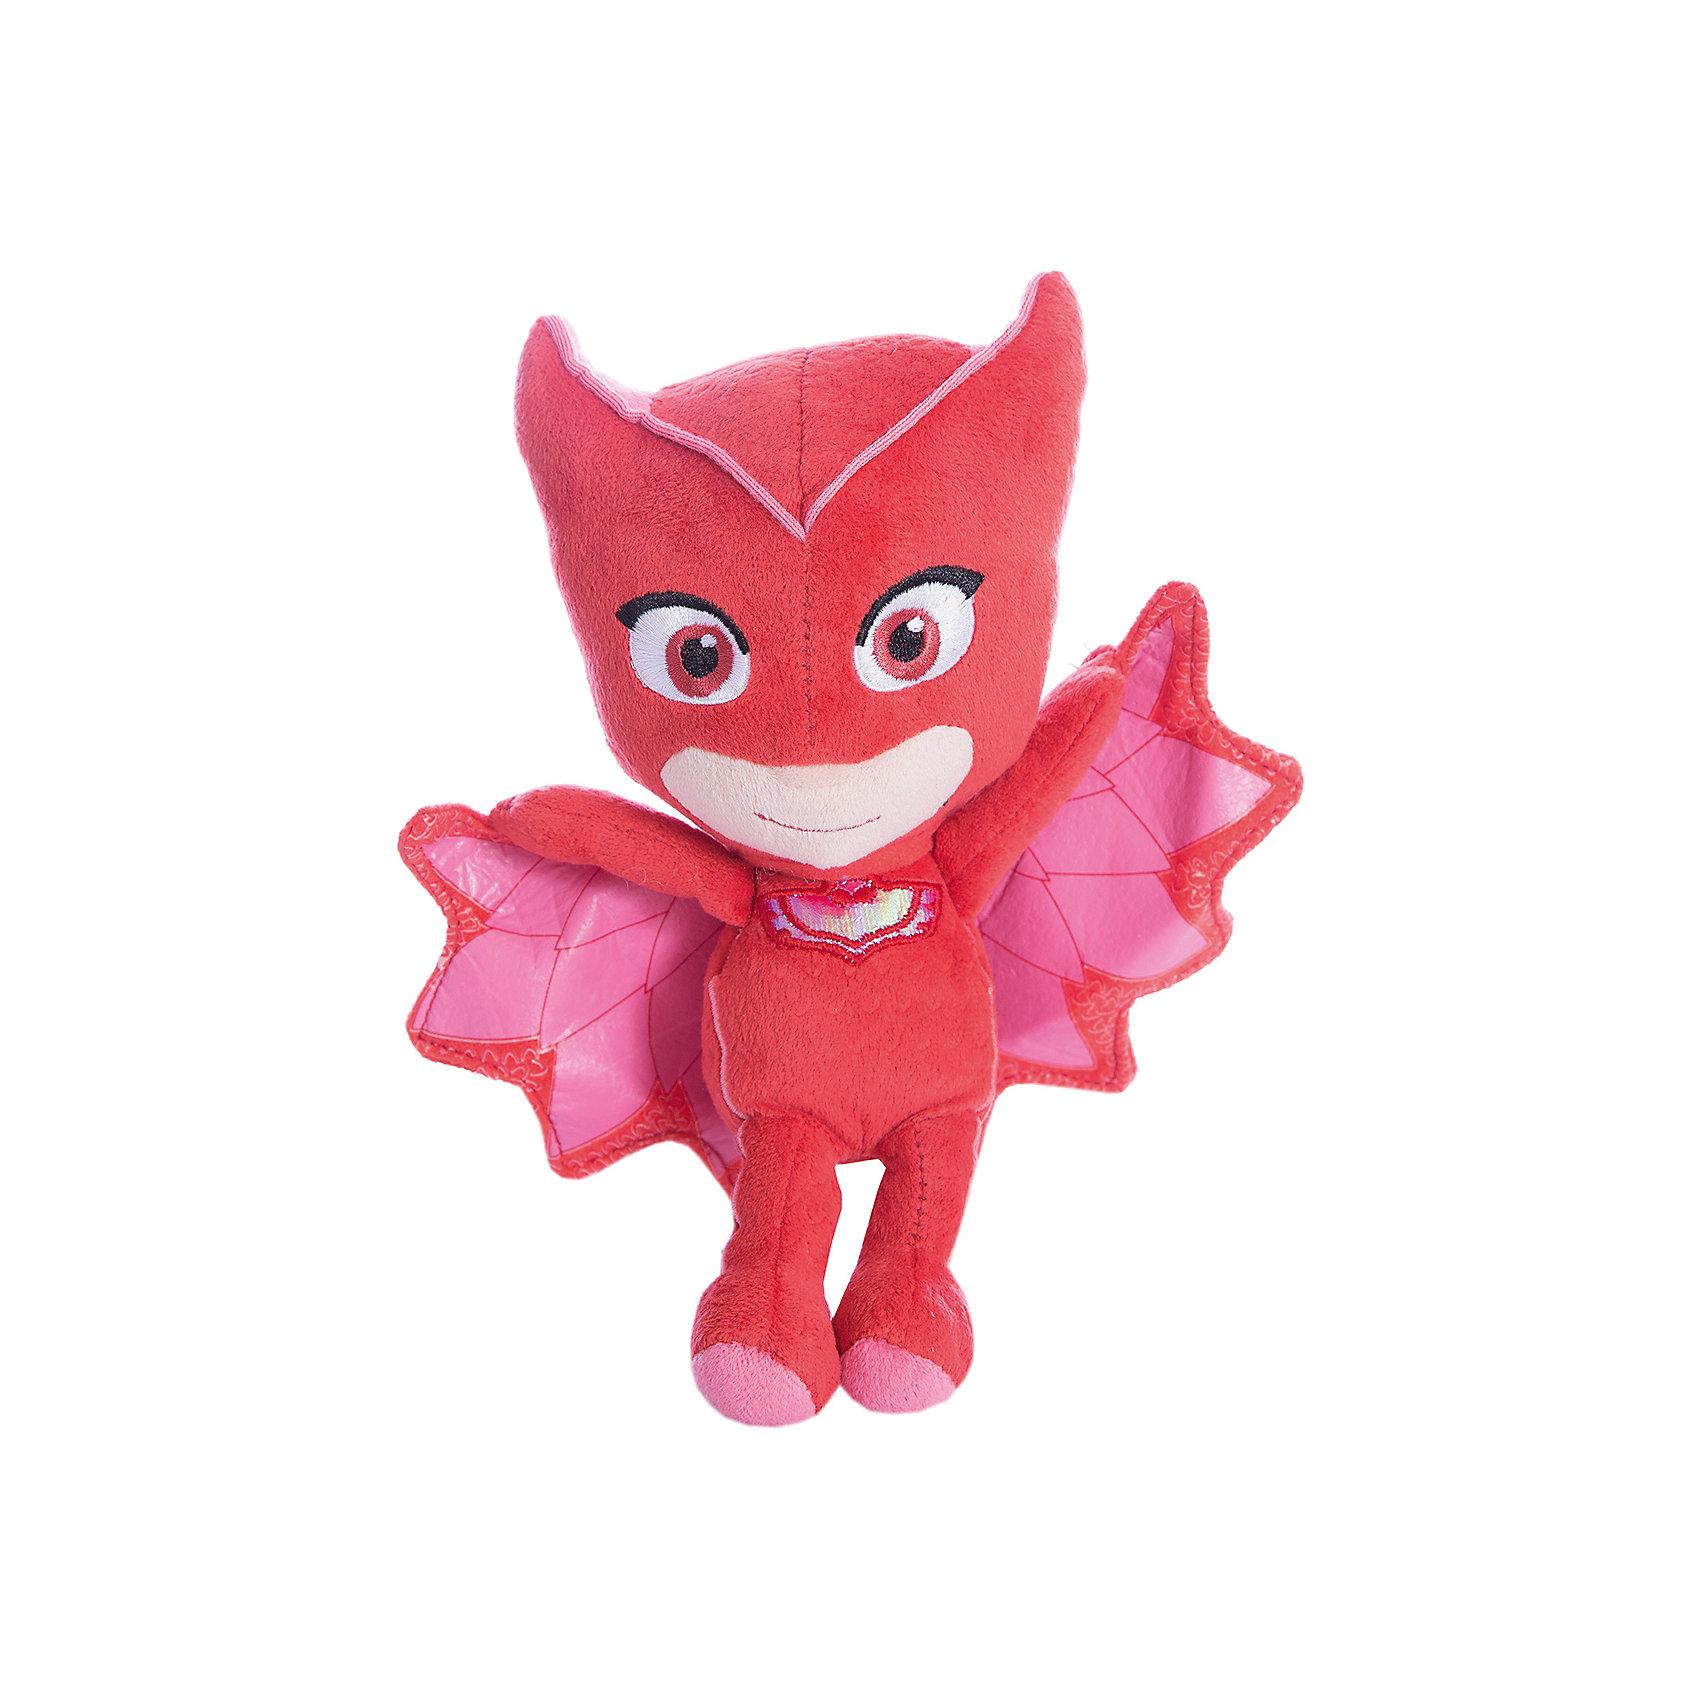 Мягкая игрушка Атлетт, Герои в масках,  20 см.Любимые герои<br>Мягкая игрушка Алетт - персонаж мультфильма Герои в масках - с удовольствием составит вашему малышу компанию в веселых играх, помогая ему развивать фантазию, речь, тактильное и цветовое восприятие и многое другое. А чтобы игры были еще интереснее, вы можете приобрести других героев мультфильма: Гекко, Кэтбоя и Ромео.&#13;<br>Мягкая игрушка Алетт ТМ Герои в масках высотой 20 см сшита из качественных текстильных материалов, декорирована вышивкой, снизу наполнена шариками антистресс для устойчивости. Товар сертифицирован.<br><br>Ширина мм: 80<br>Глубина мм: 70<br>Высота мм: 200<br>Вес г: 97<br>Возраст от месяцев: 36<br>Возраст до месяцев: 2147483647<br>Пол: Унисекс<br>Возраст: Детский<br>SKU: 5577969